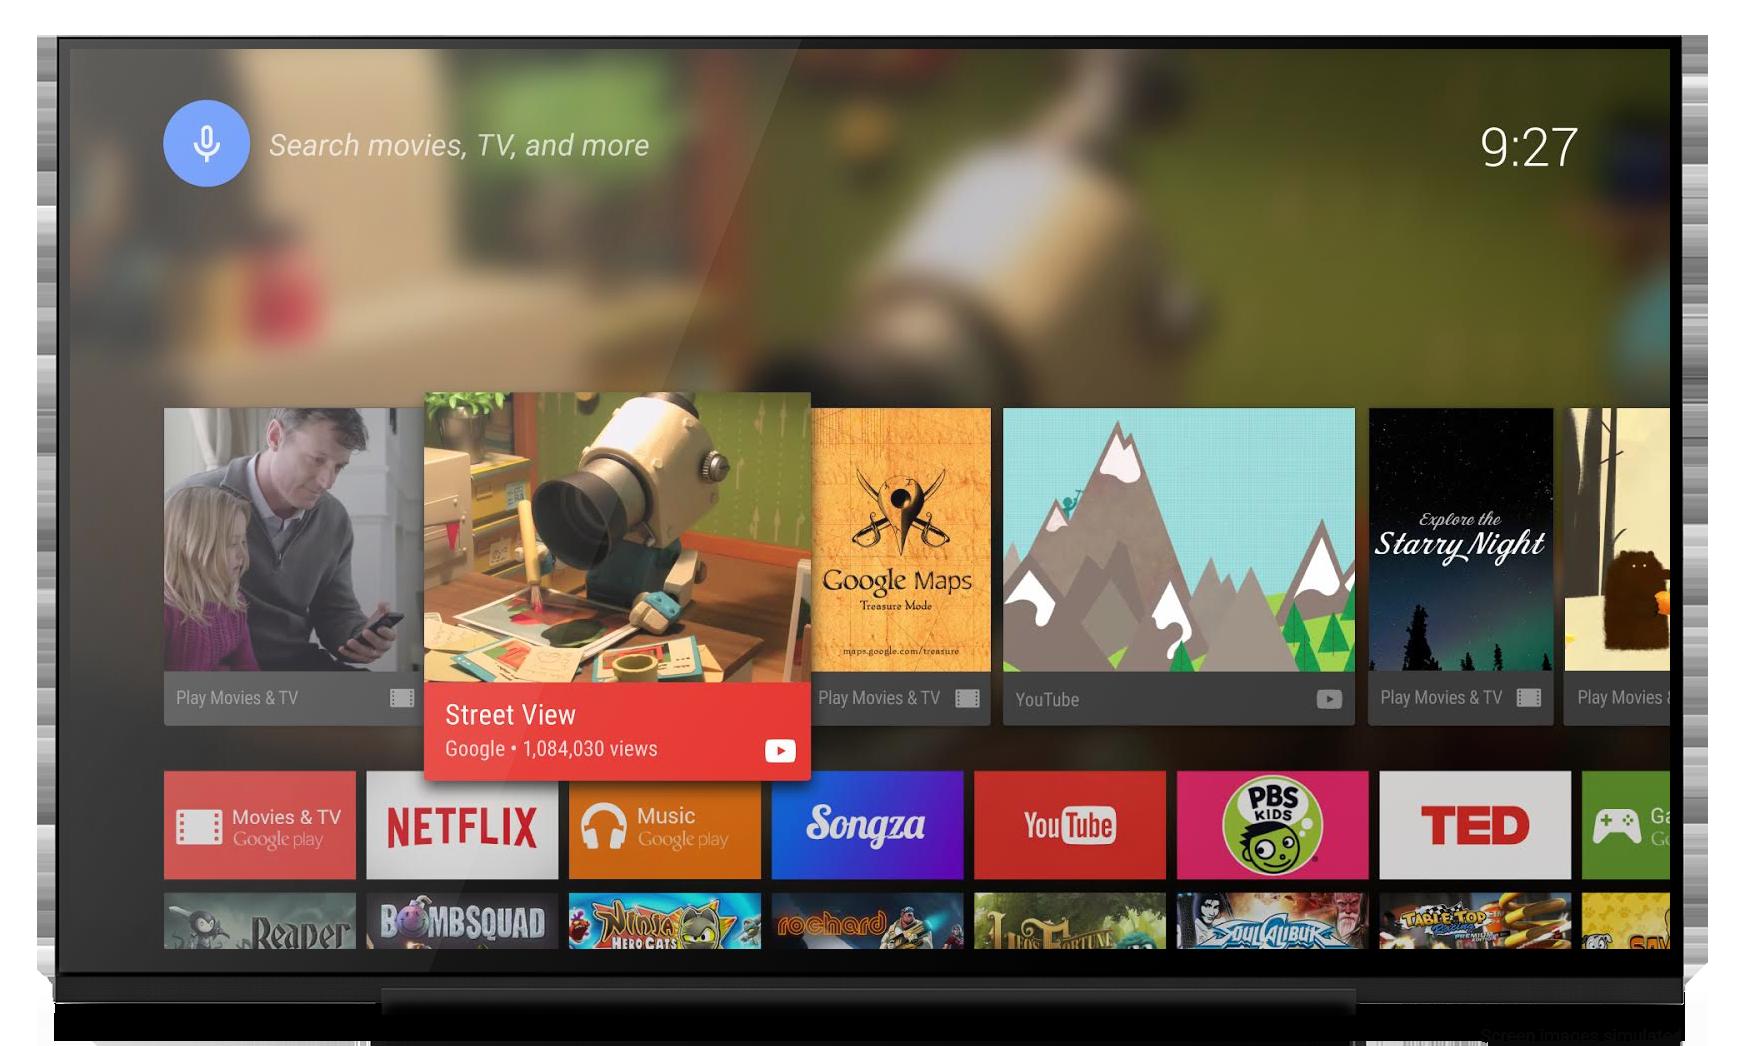 Android Tv in offerta a partire da 27 euro ....